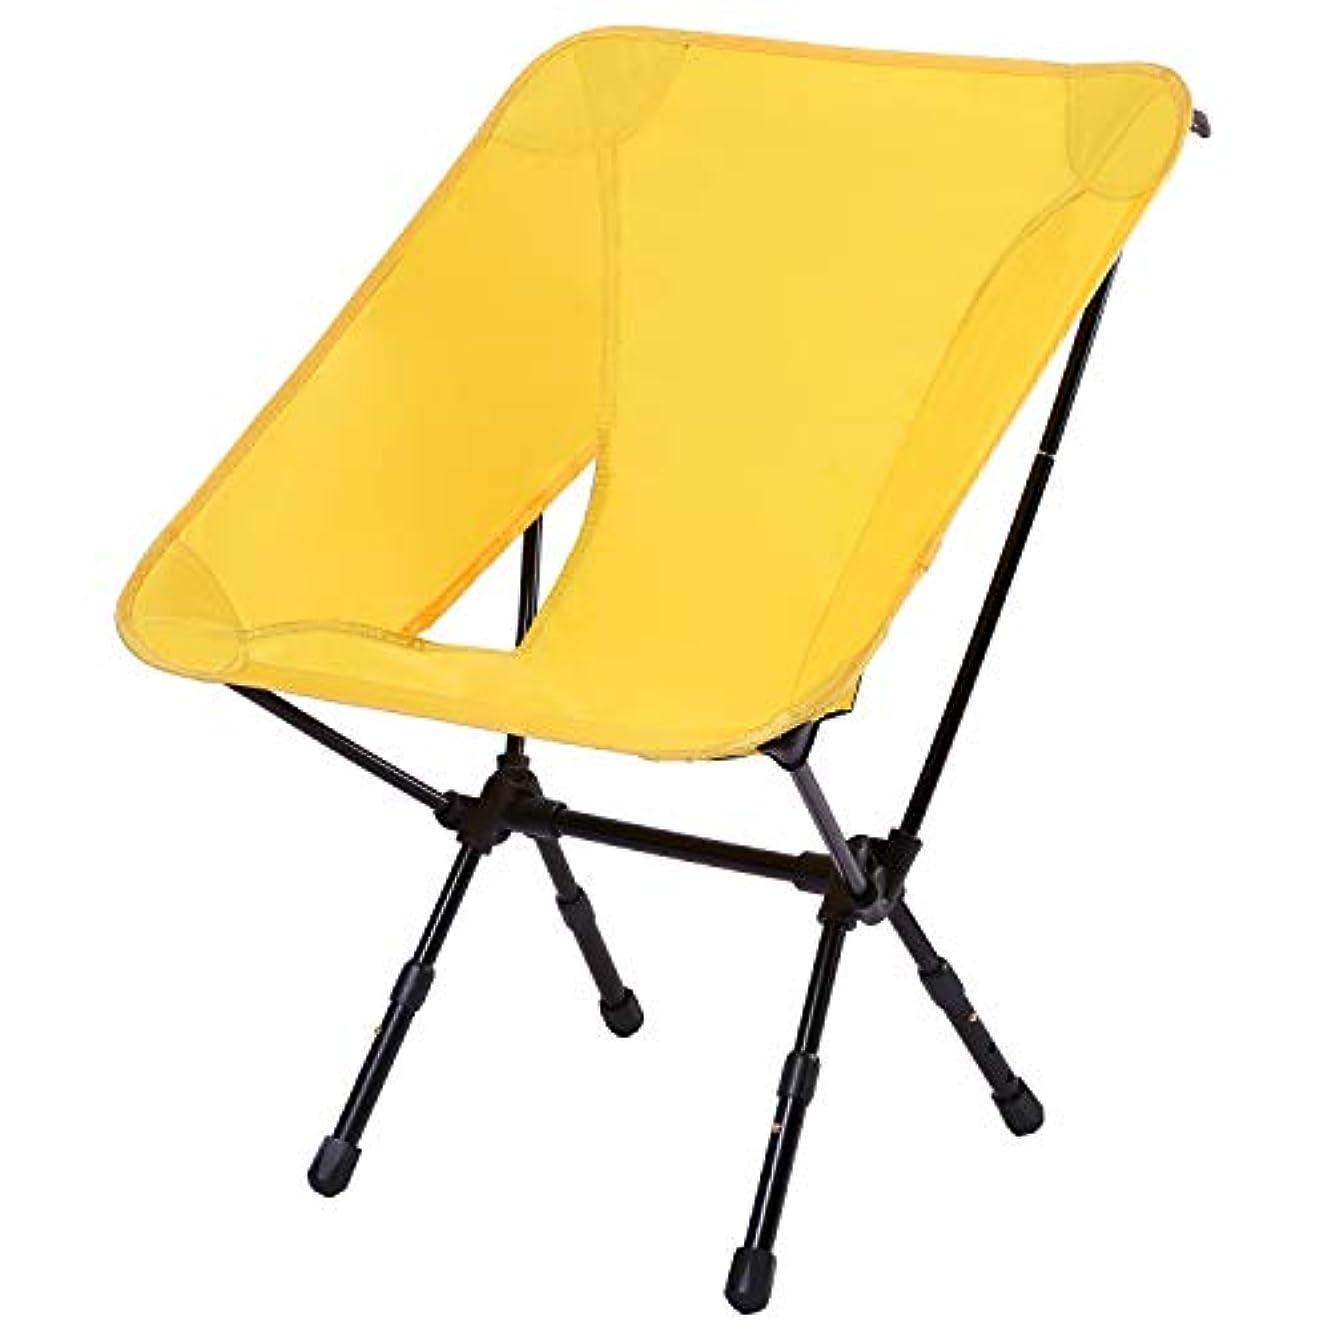 ディレクトリ望まないカカドゥMoon Lence アウトドアチェア 耐荷重150kg 3段階伸縮調節 折りたたみイス コンパクト 超軽量 収納バッグ付き キャンプ椅子 お釣り 登山 ハイキング